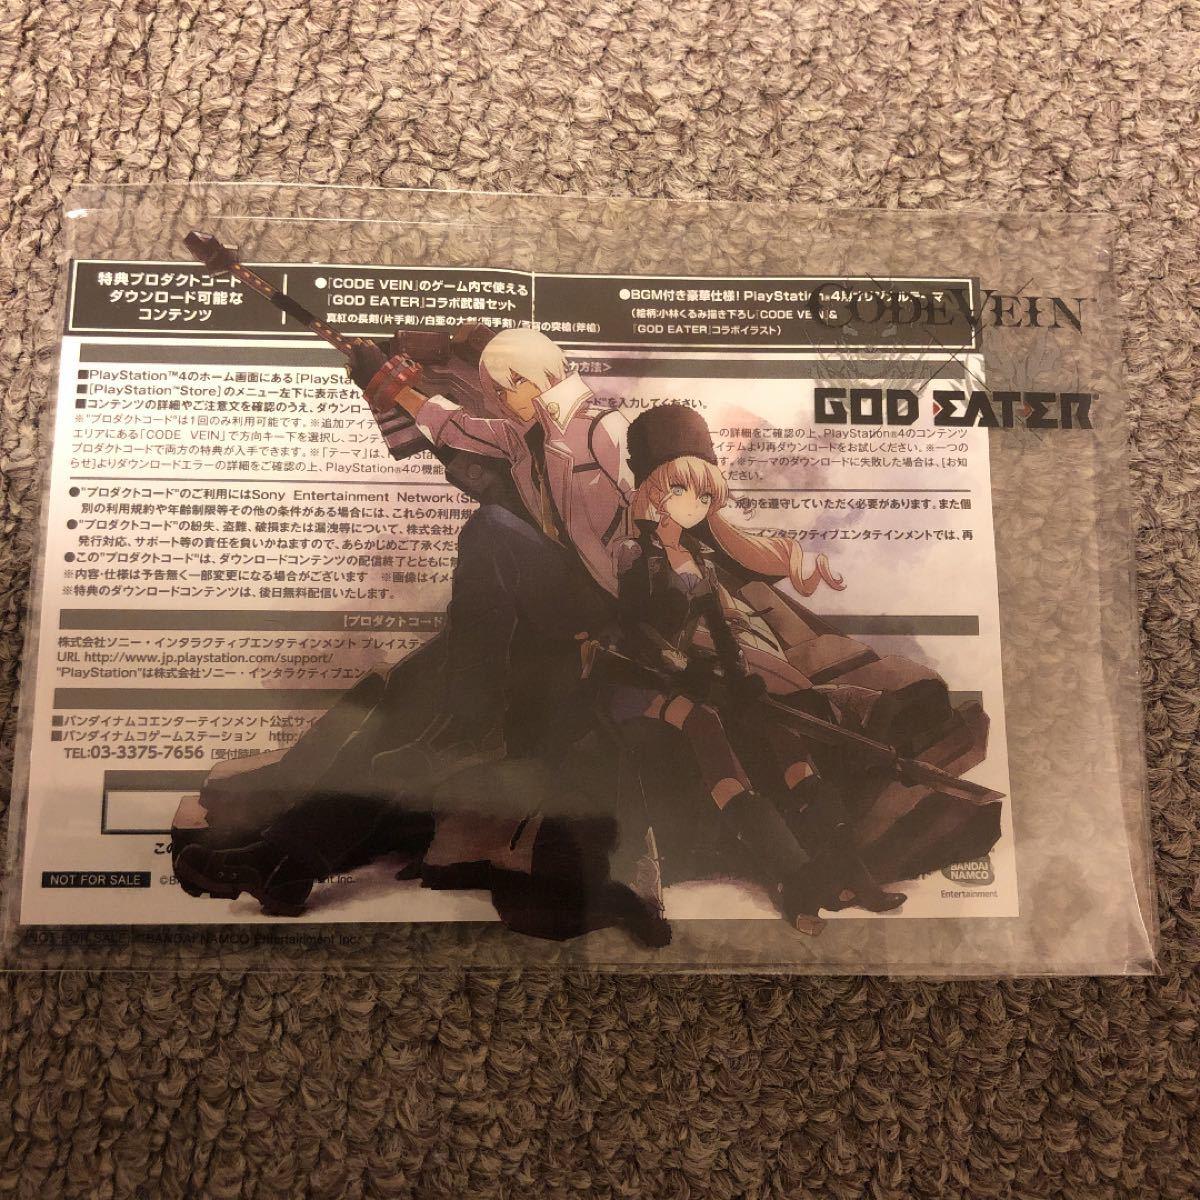 【PS4】 CODE VEIN ブラッドサーストエディション 予約特典付き 新品未開封 PS4